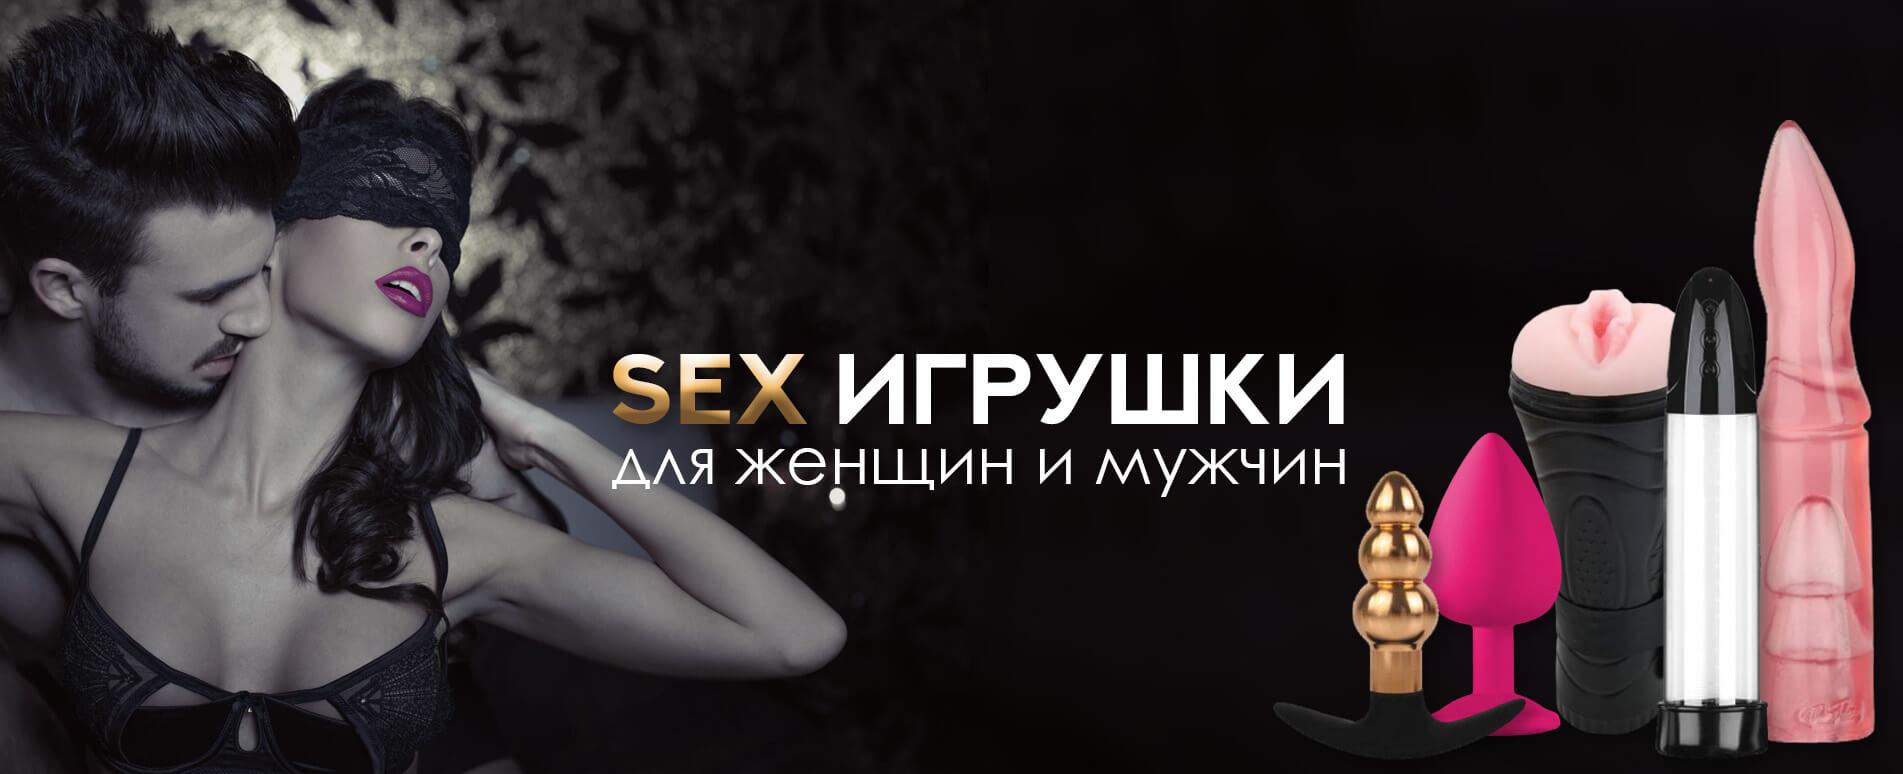 Секс игрушки